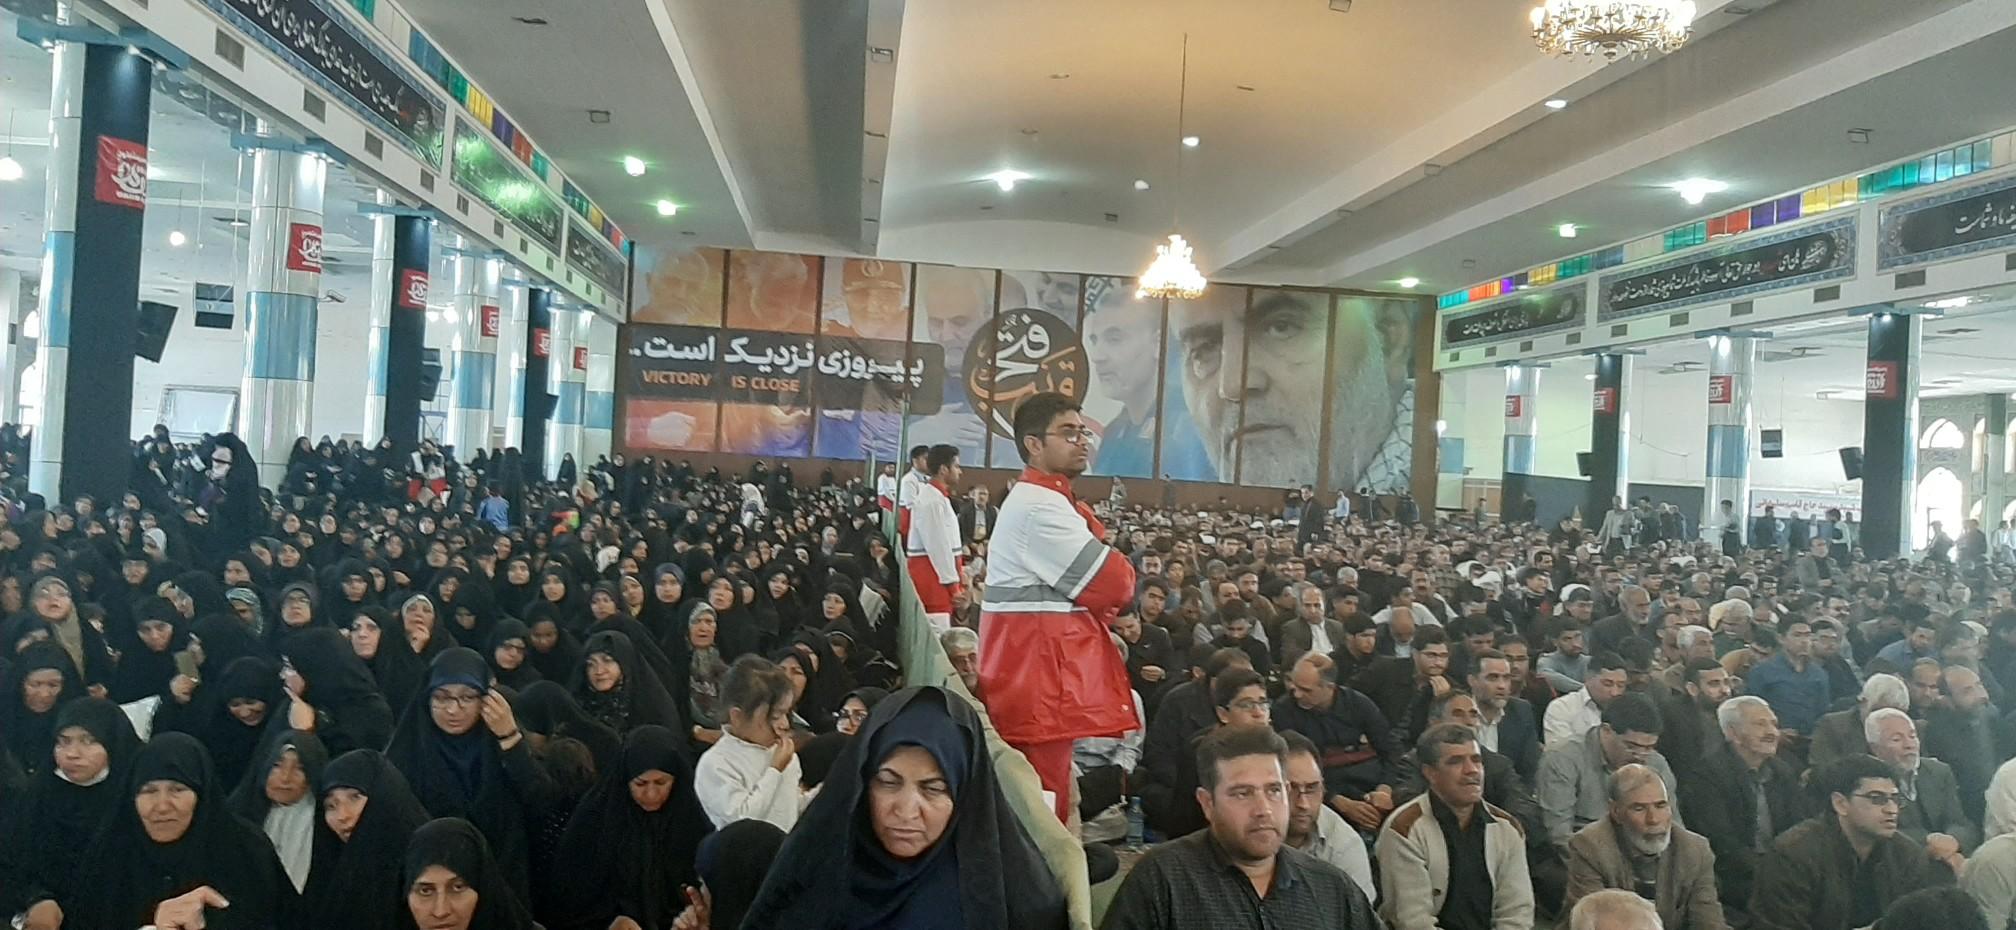 به گزارش خبرنگار گروه استان های باشگاه خبرنگاران جوان از کرمان،